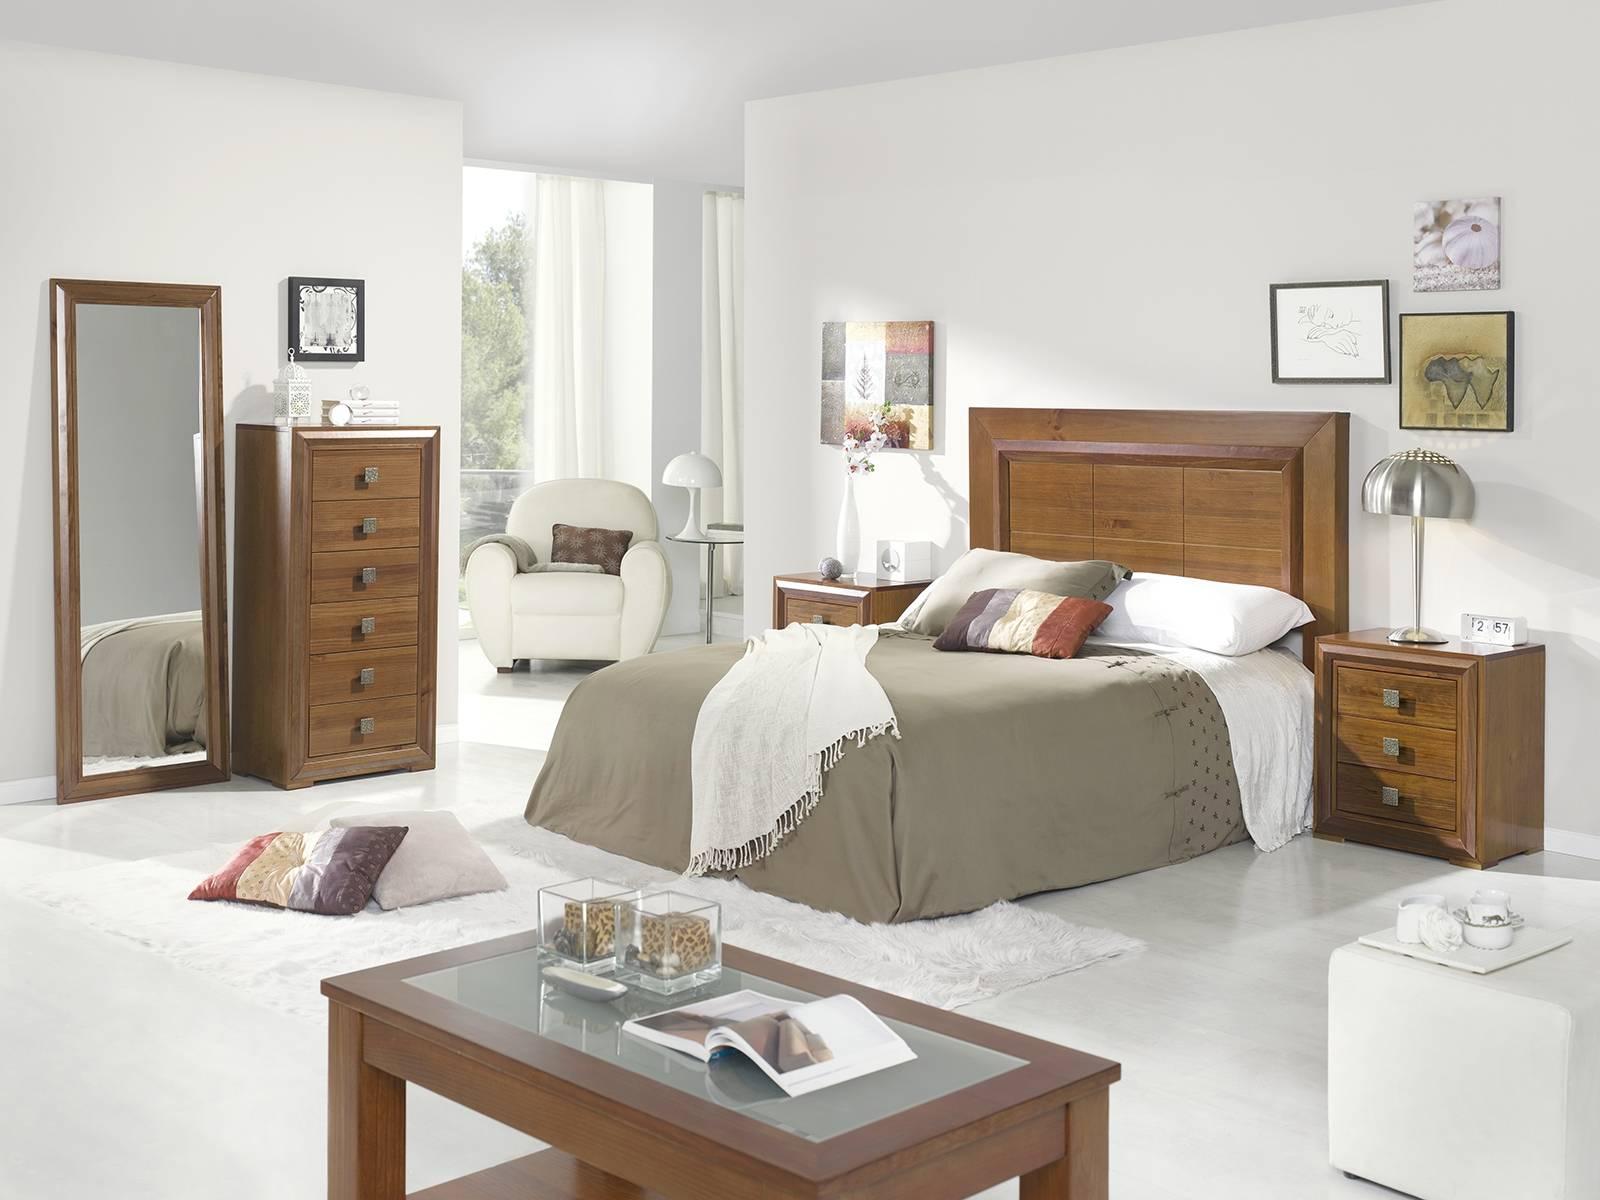 Расстановка мебели в спальне с дубовой мебелью